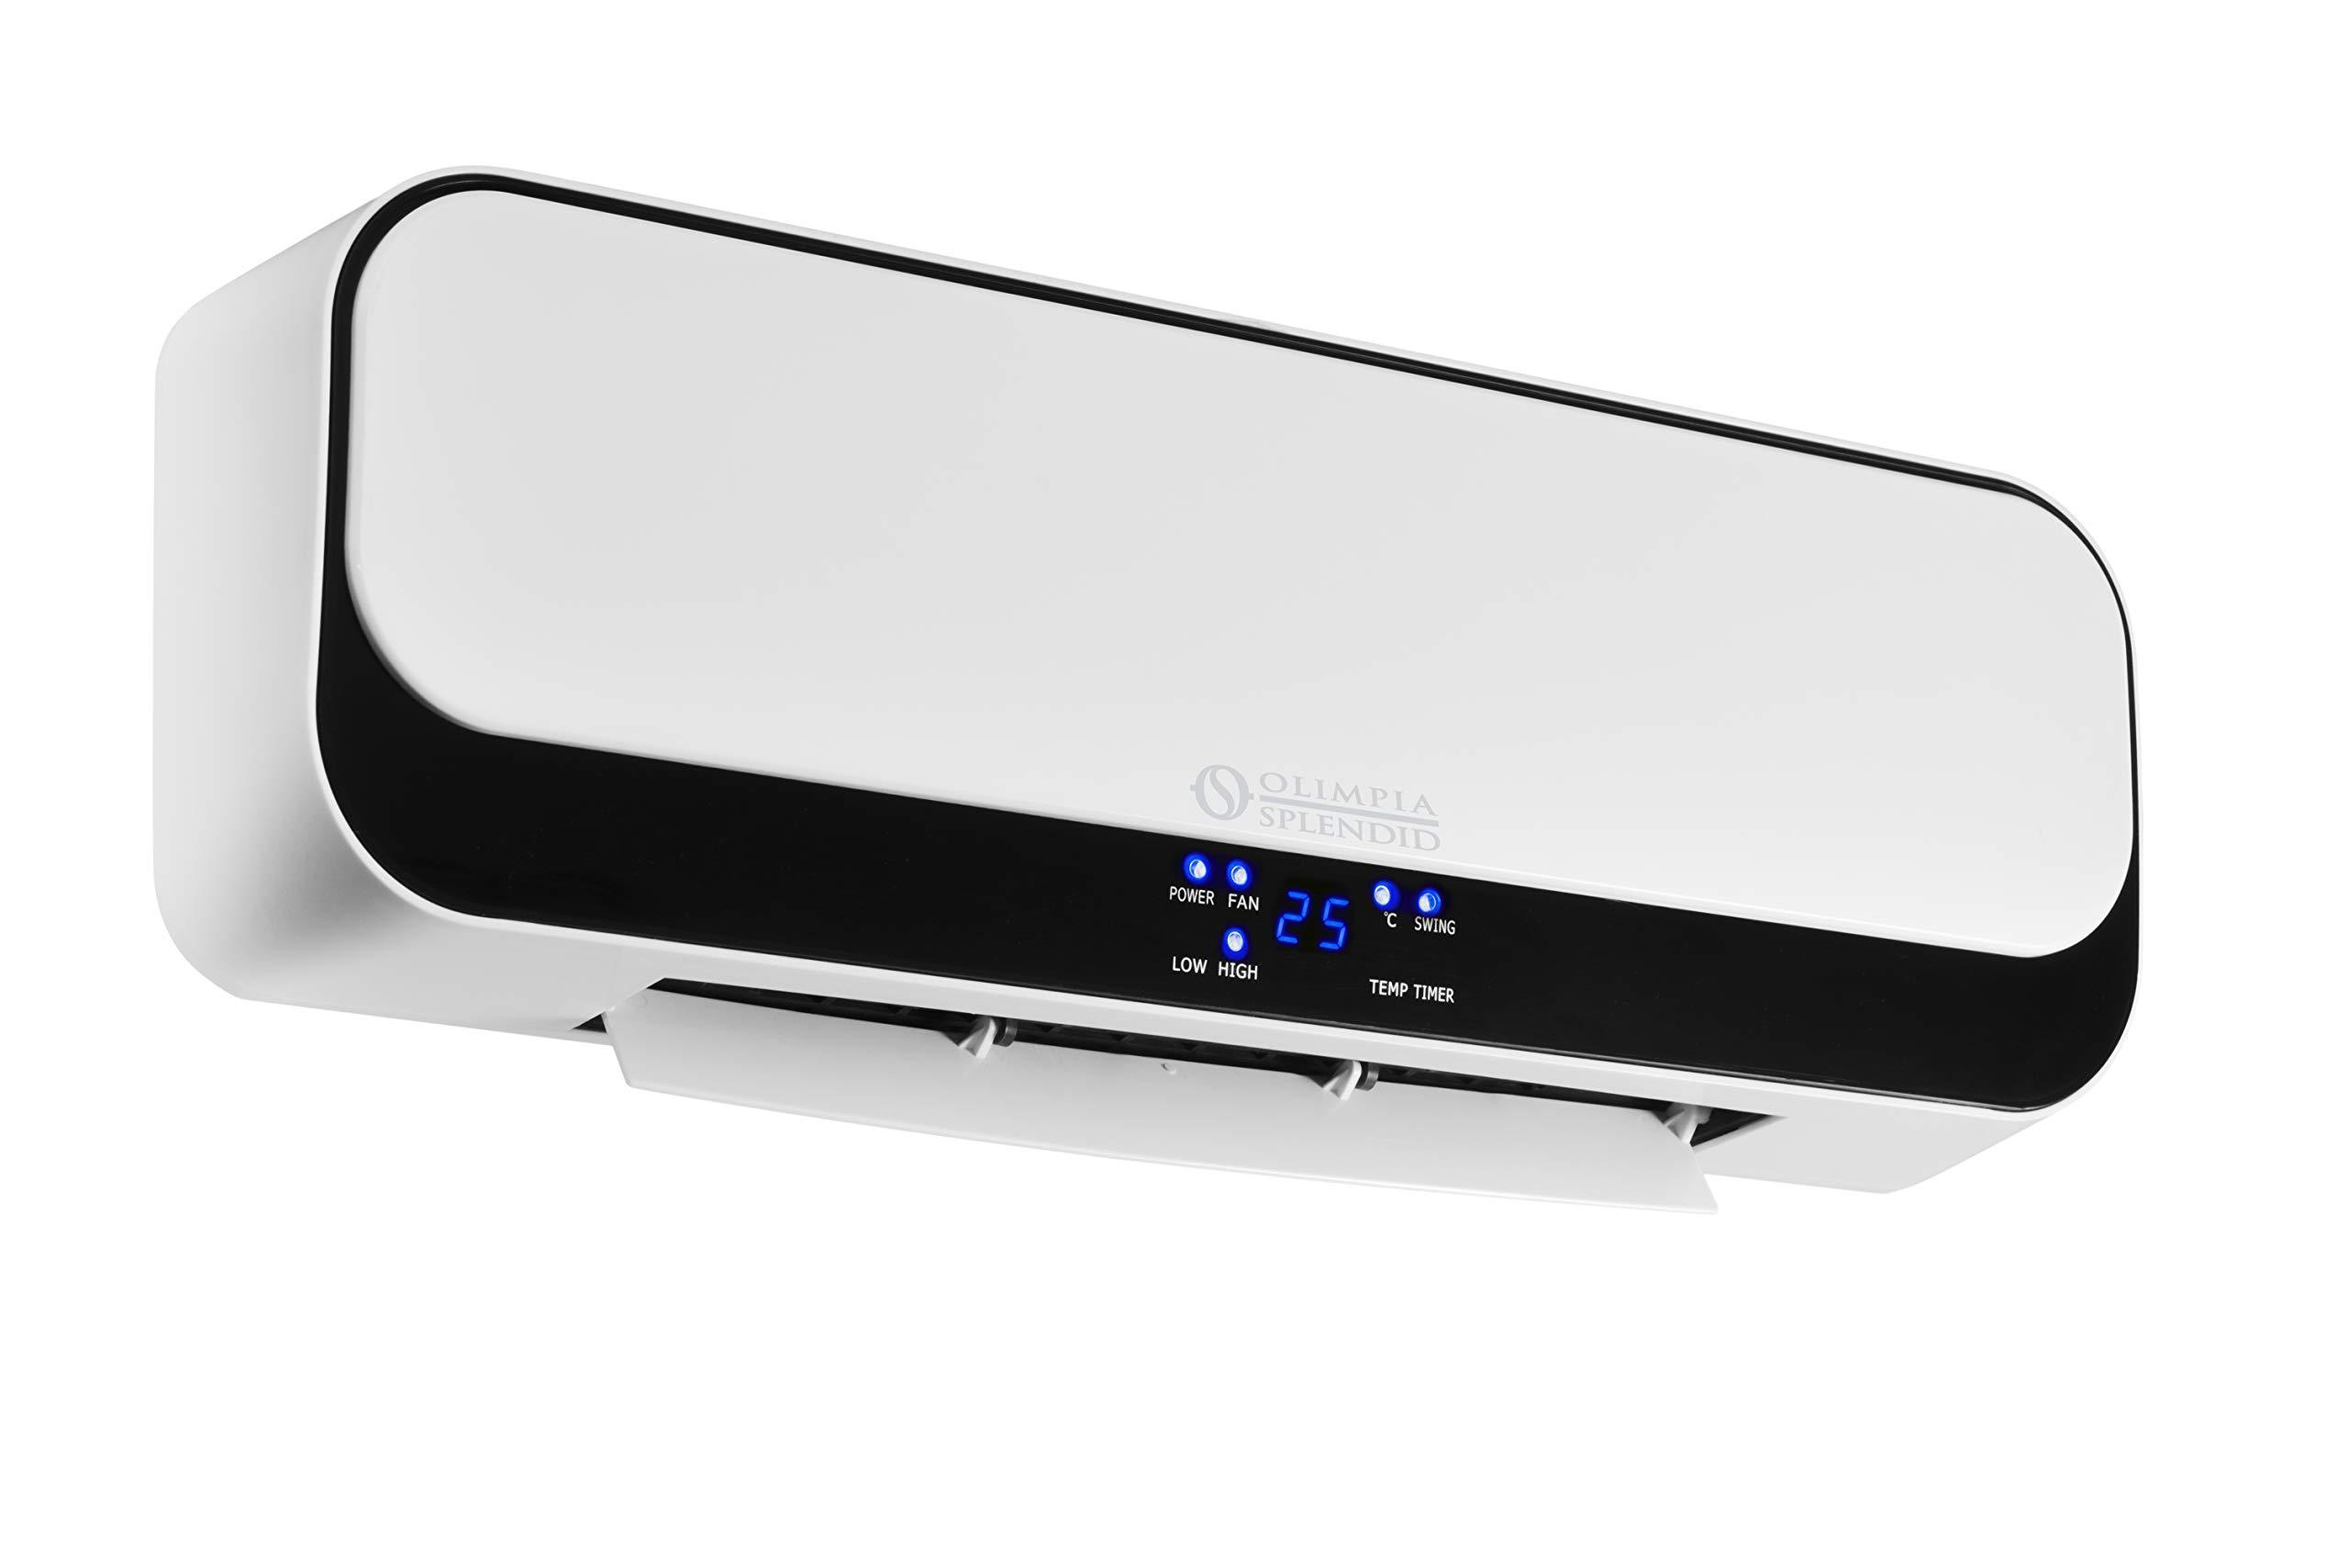 55 W Olimpia Splendid 99426 Purificateur d/'Air avec Lampe UV Germicide Ioniseur et Pr/é-filtre Filtre HEPA Filtre aux Charbons Actifs IPX Aura Di